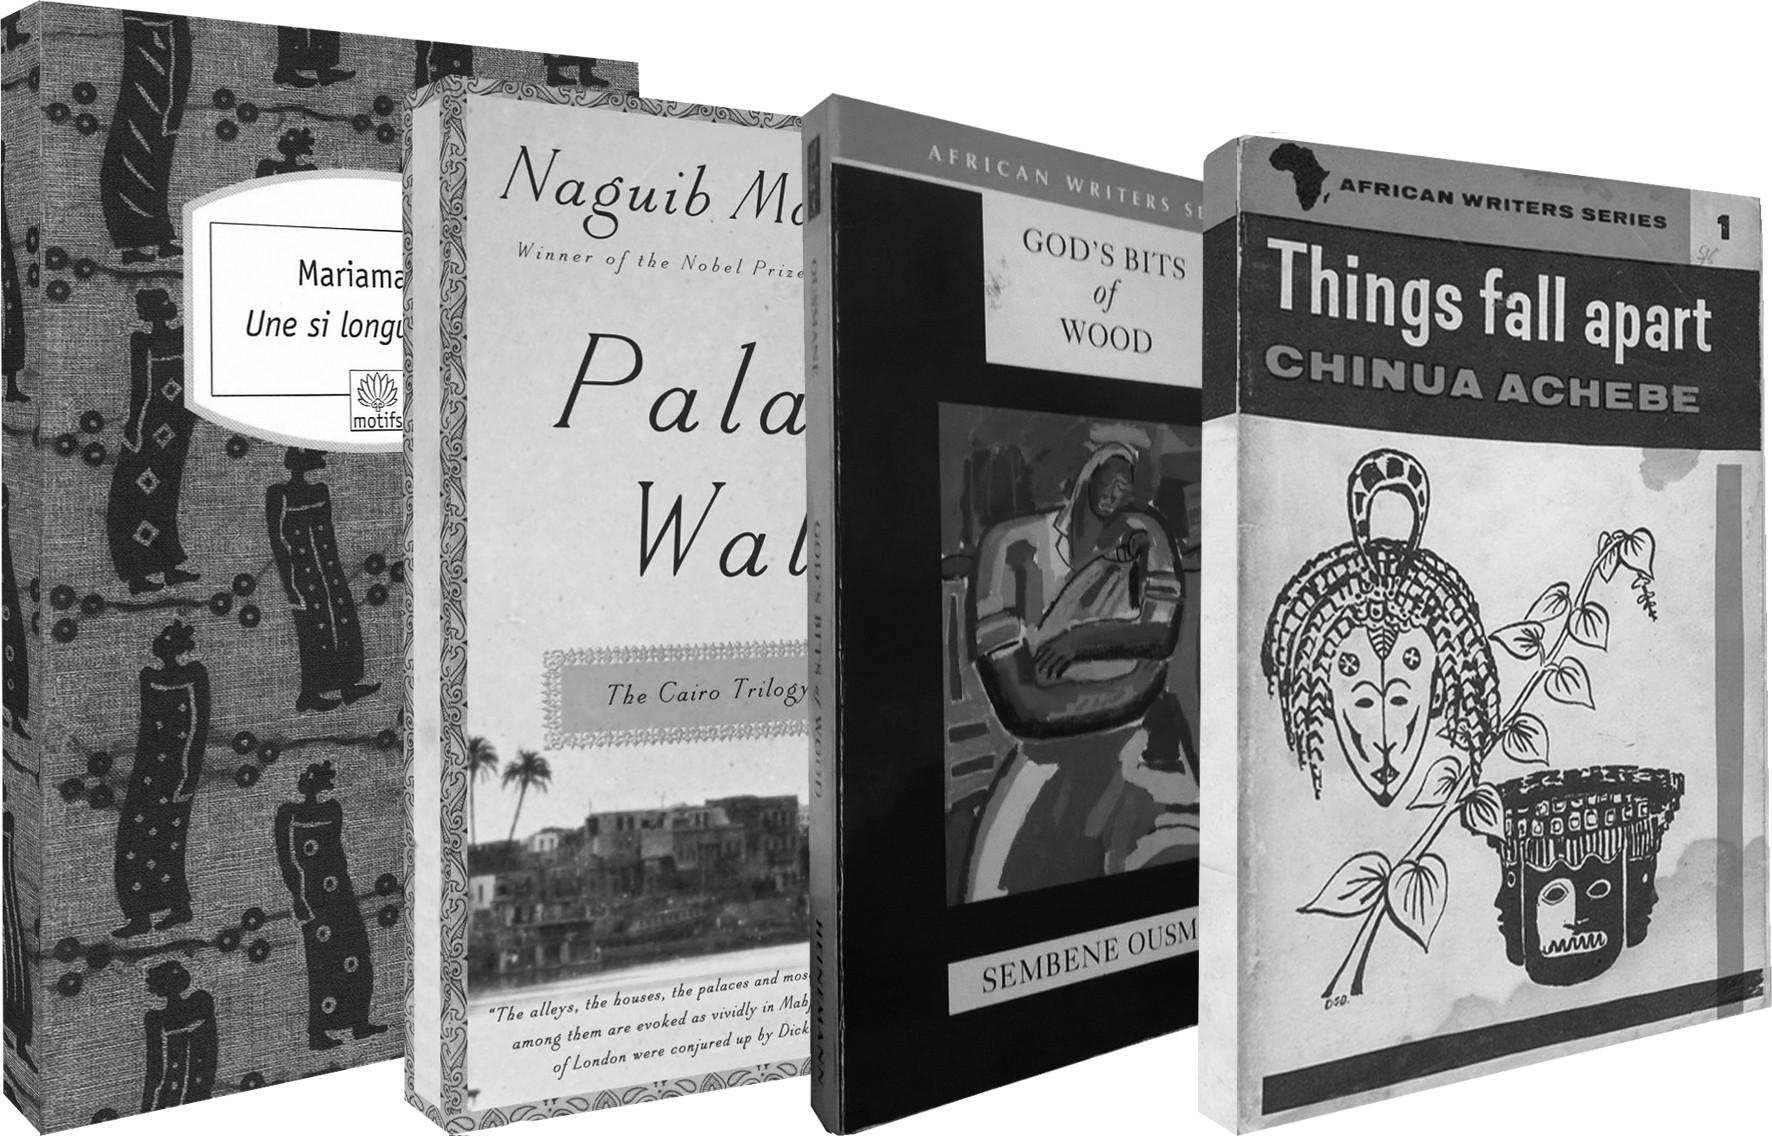 Une si longue lettre Mariama Bâ Heinmann, 1981; Palace Walk Naguib Mahfouz Anchor (reissue), 2011; God's Bits of Wood Ousmane Sembène Heinmann, 1970; Things Fall Apart Chinua Achebe Heinmann, 1958